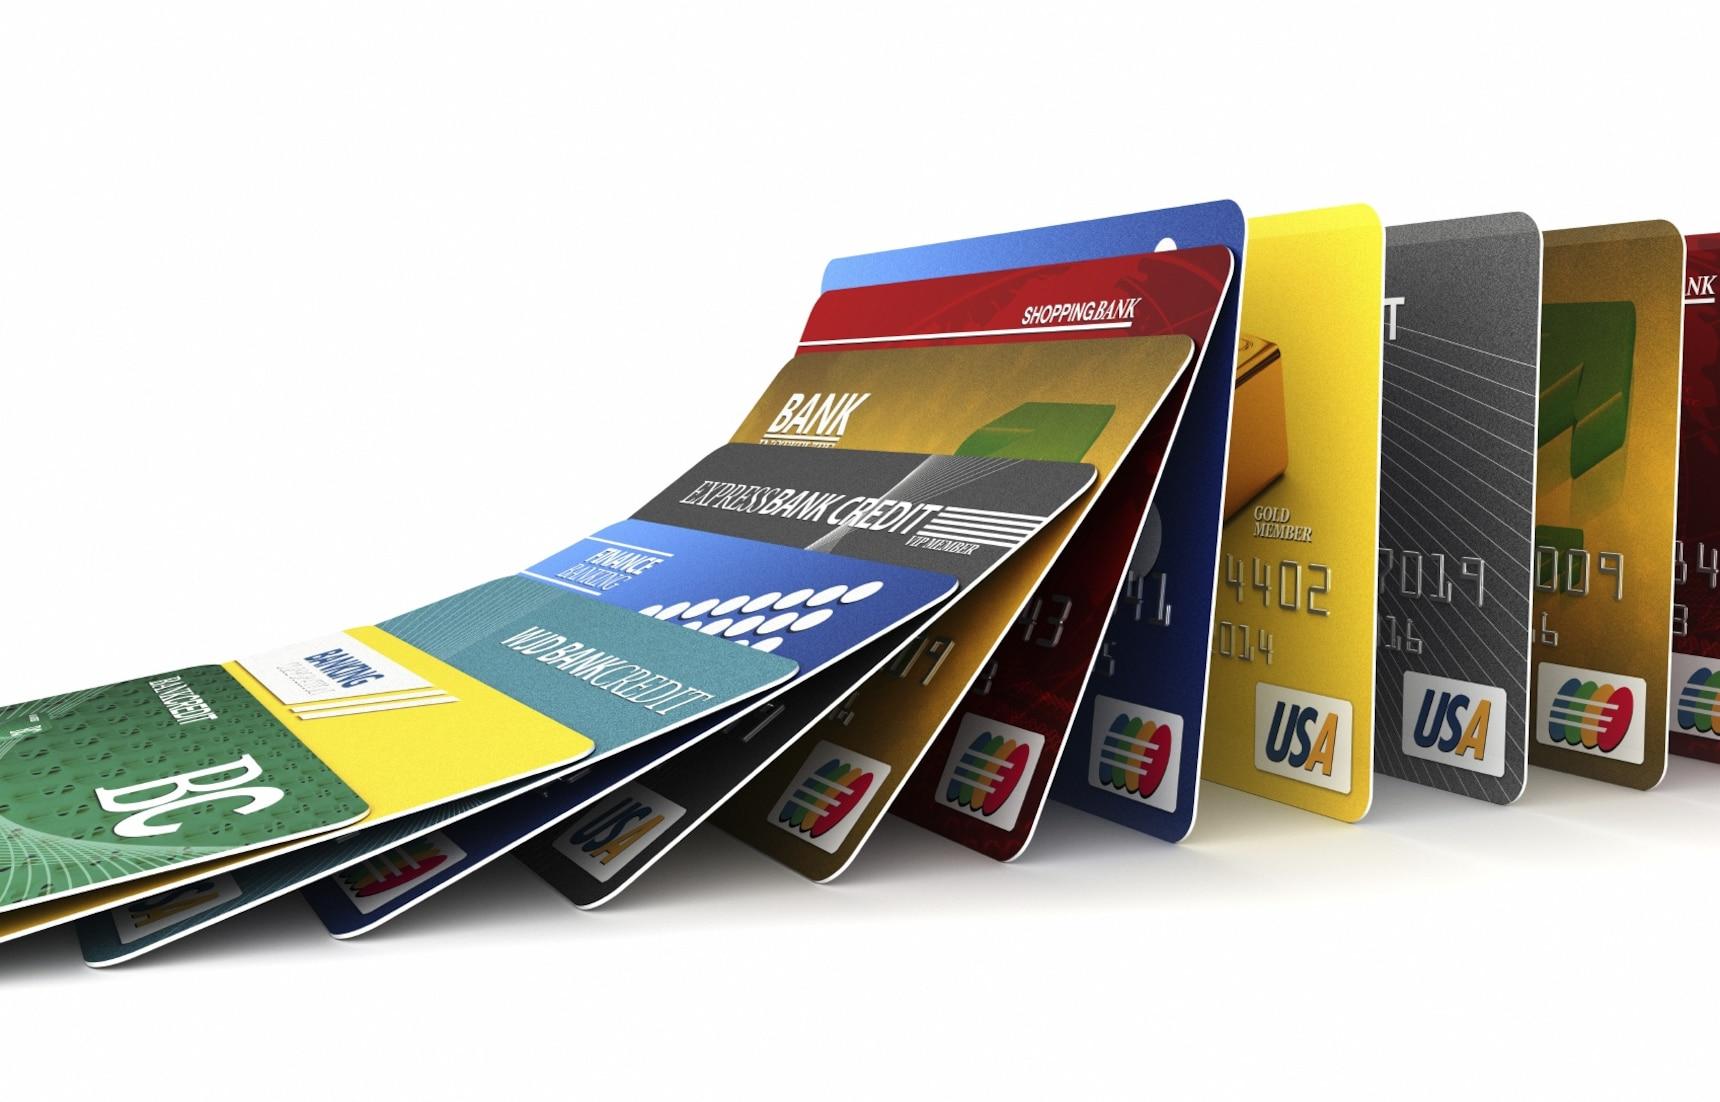 日本生活:还款方式大解析!日本信用卡的那些事儿